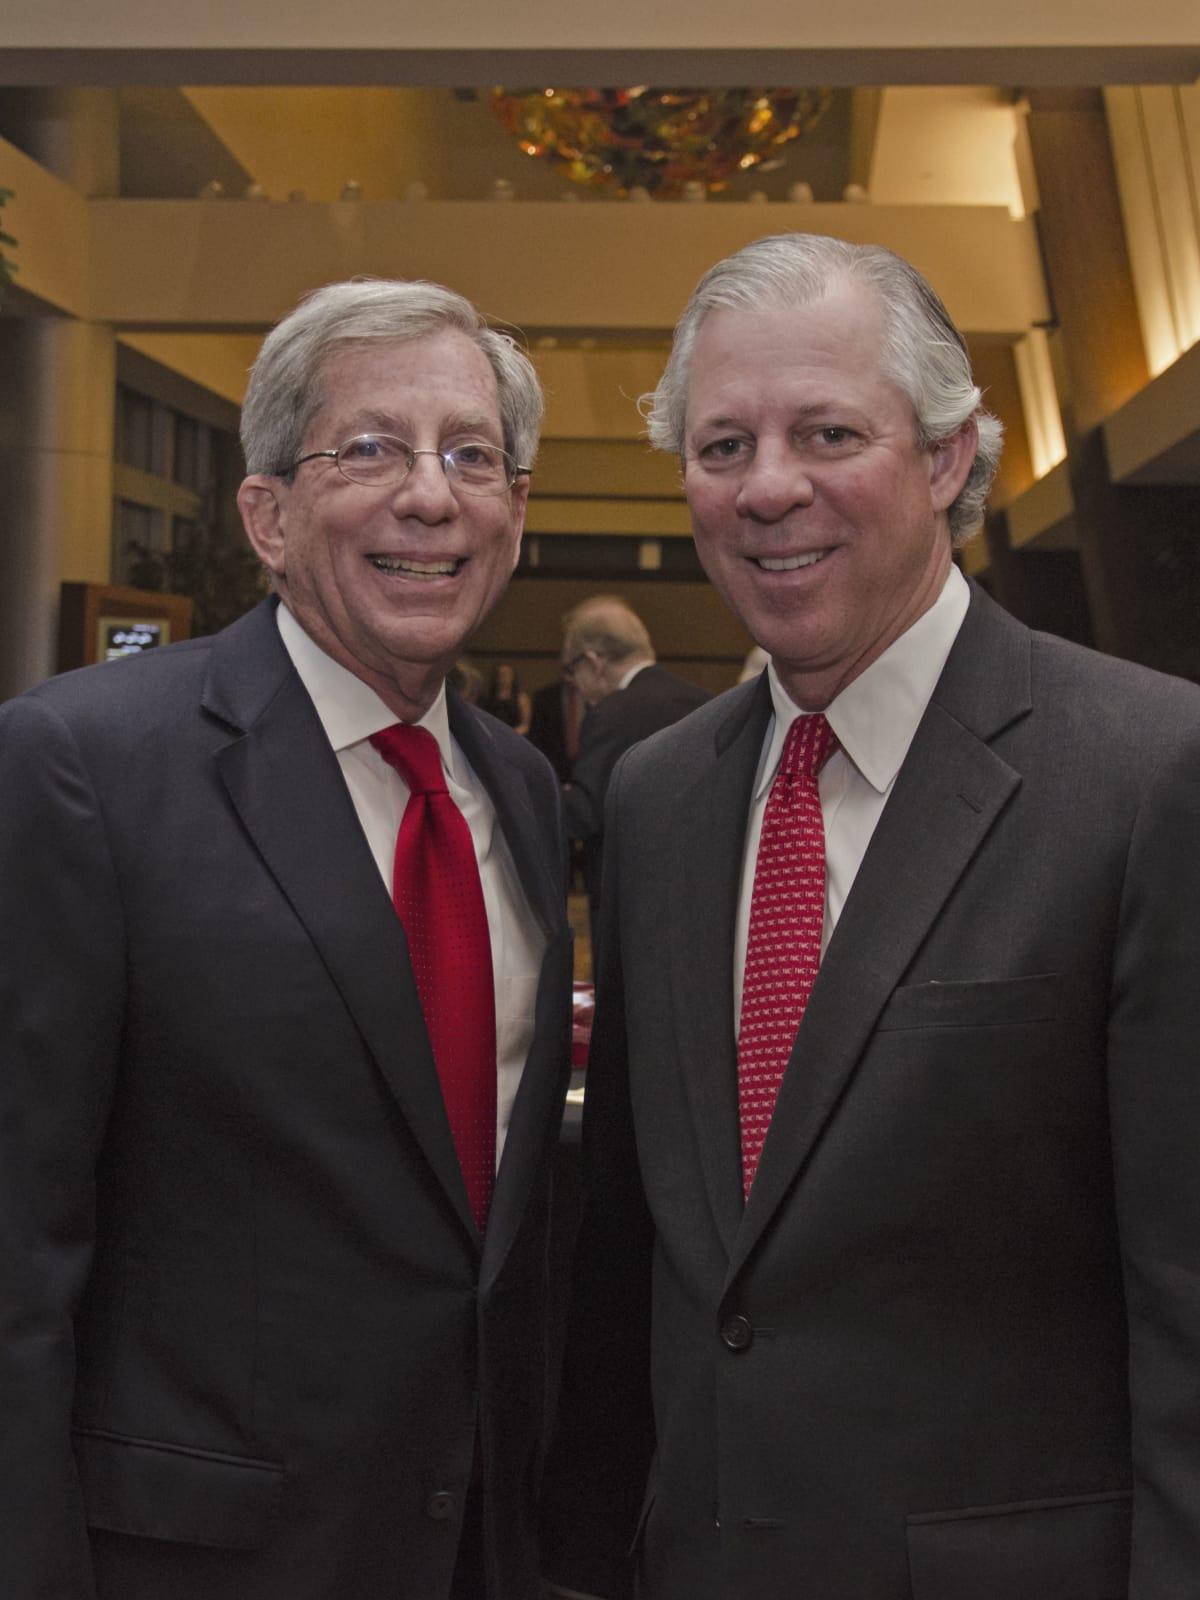 Texas Heart Institute dinner, Feb. 2016, Fred Zeidman, Dr. Robert Robbins